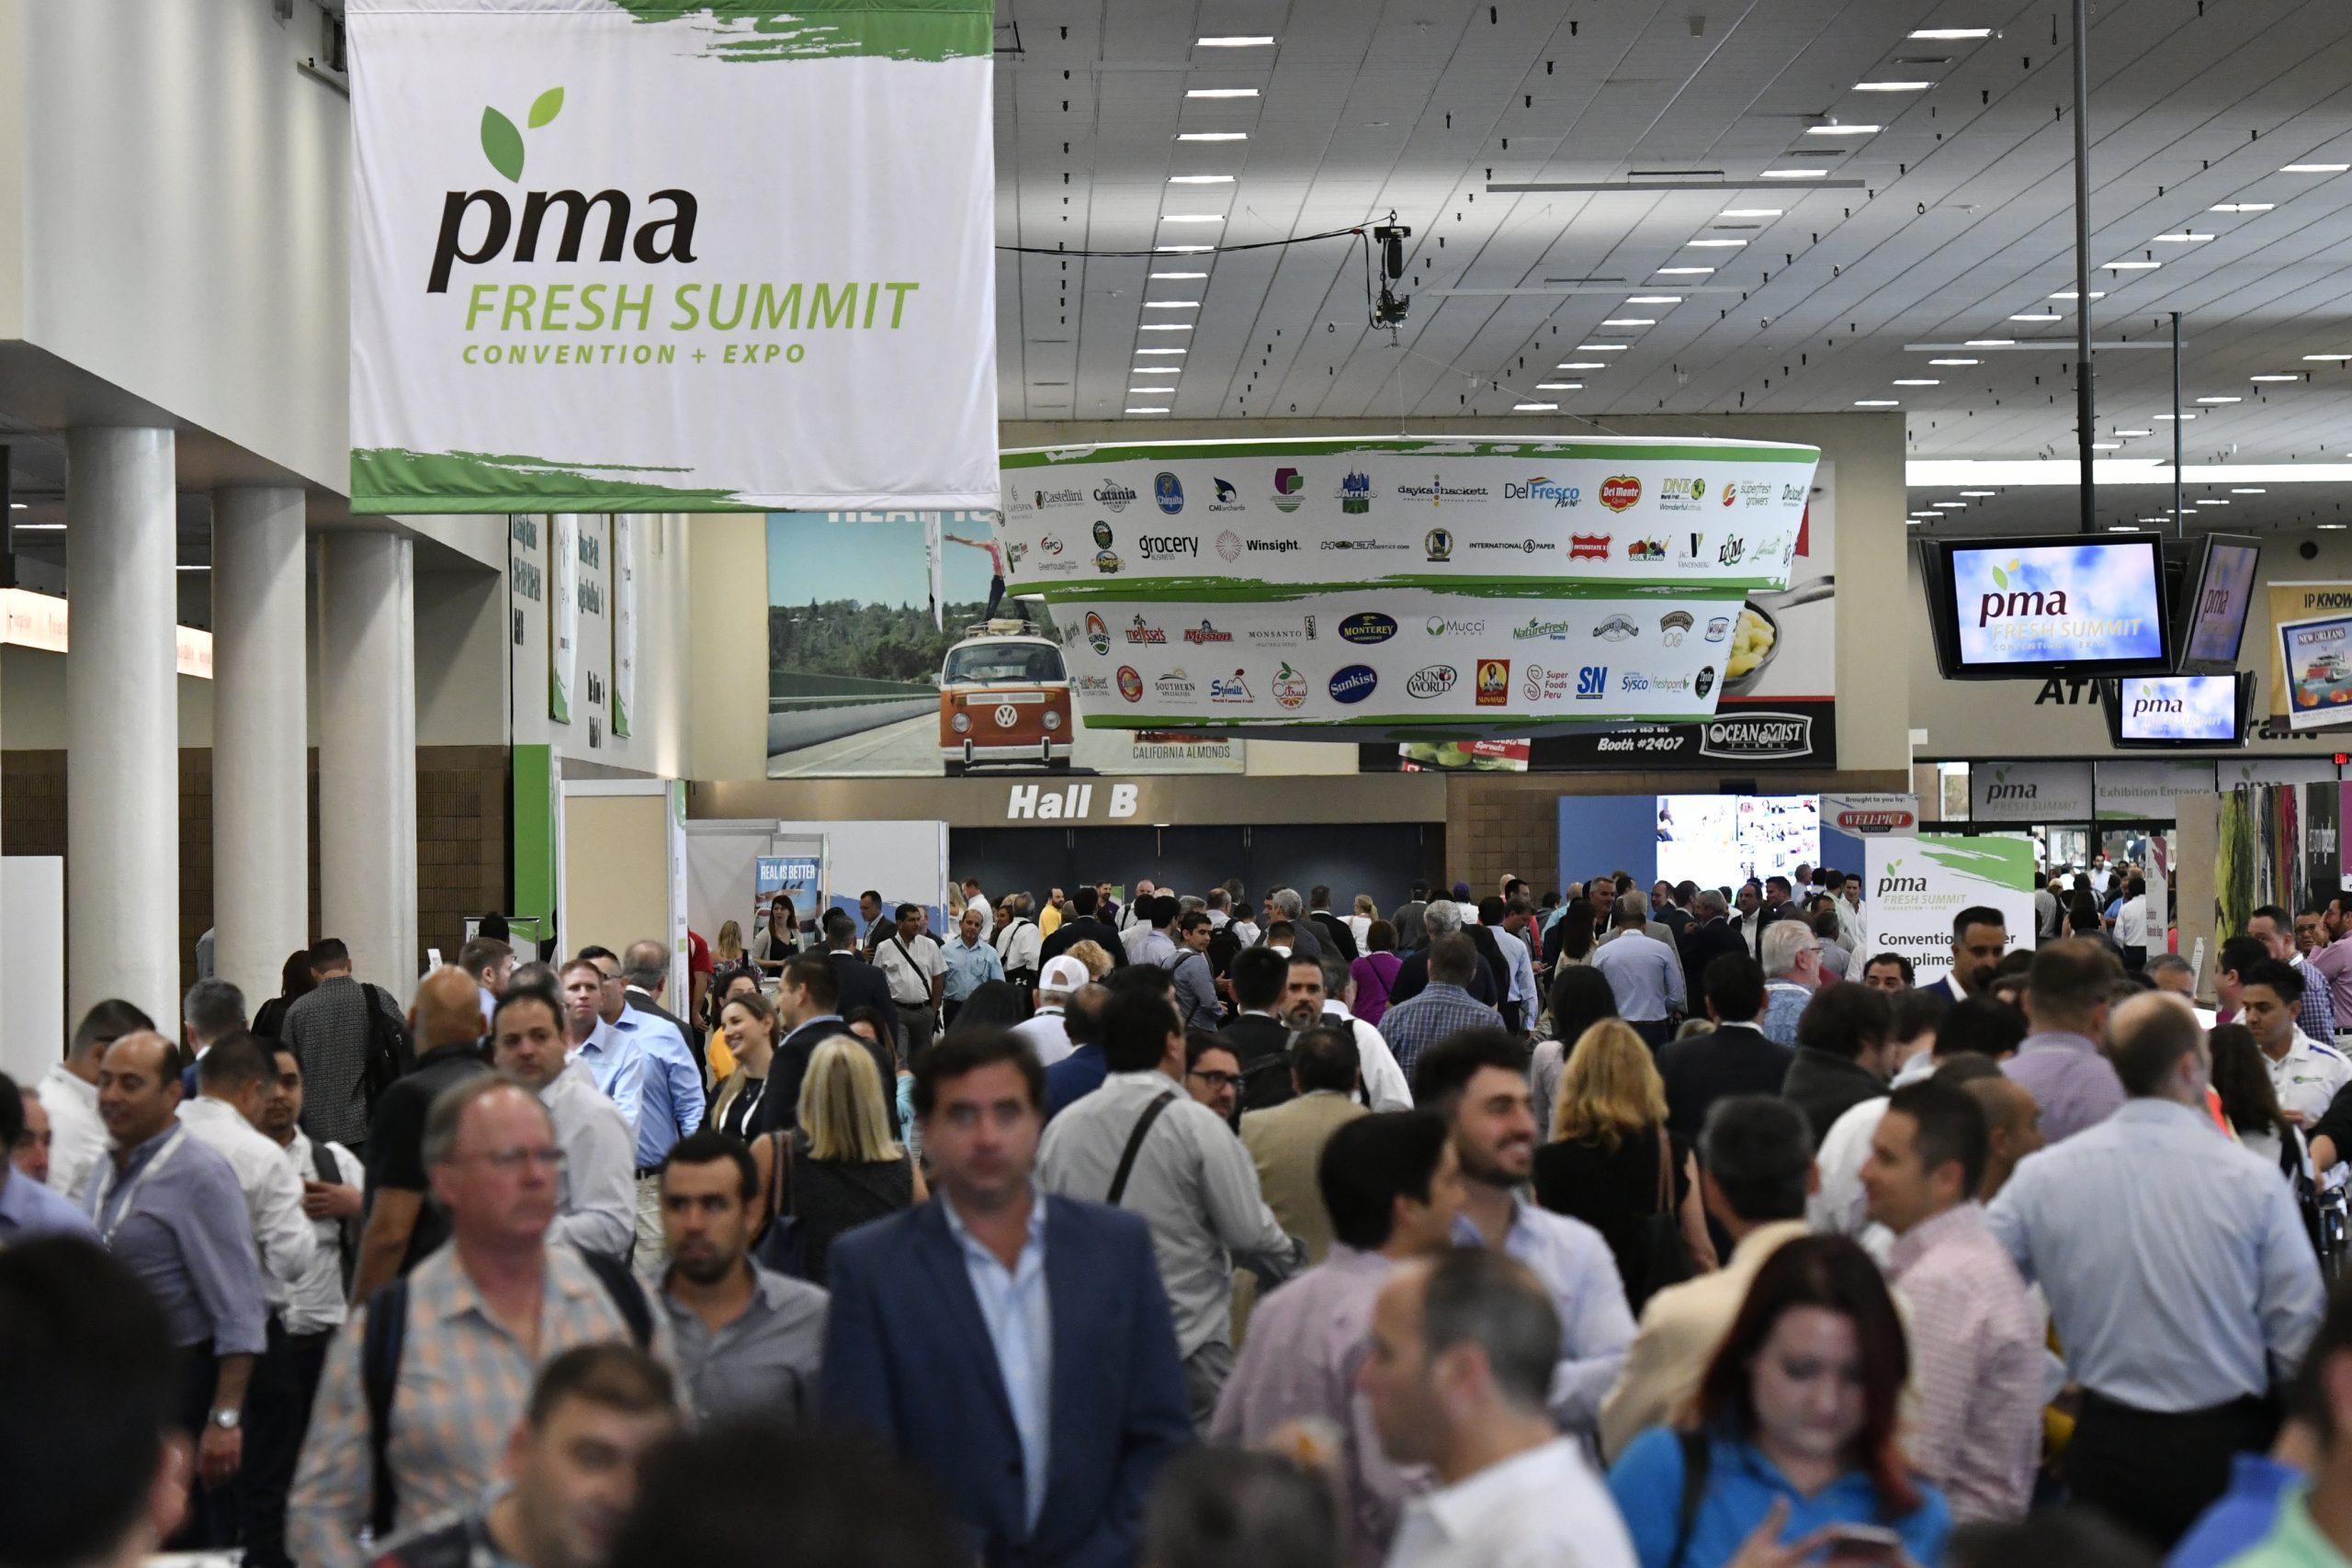 PMA picture